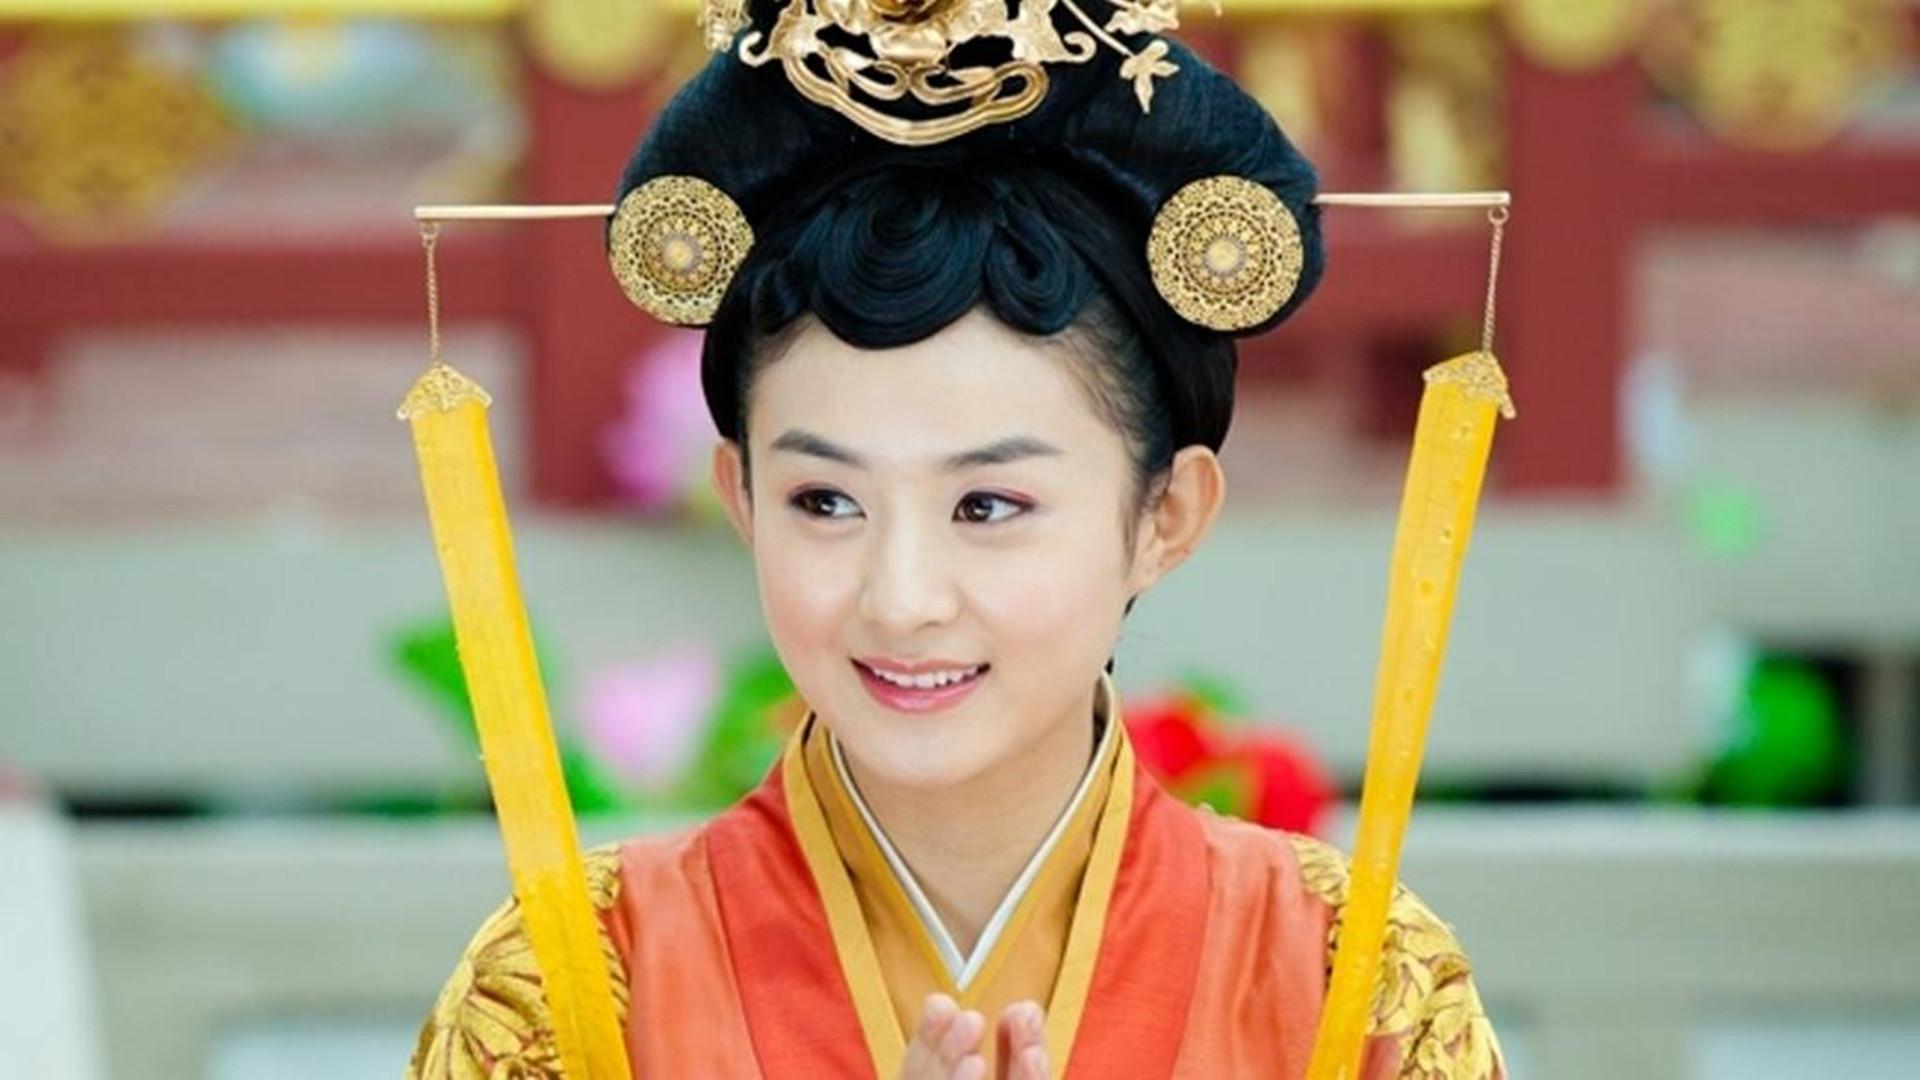 赵丽颖的八古装剧,花千骨,碧瑶哪个角色的痴心最令你感动?